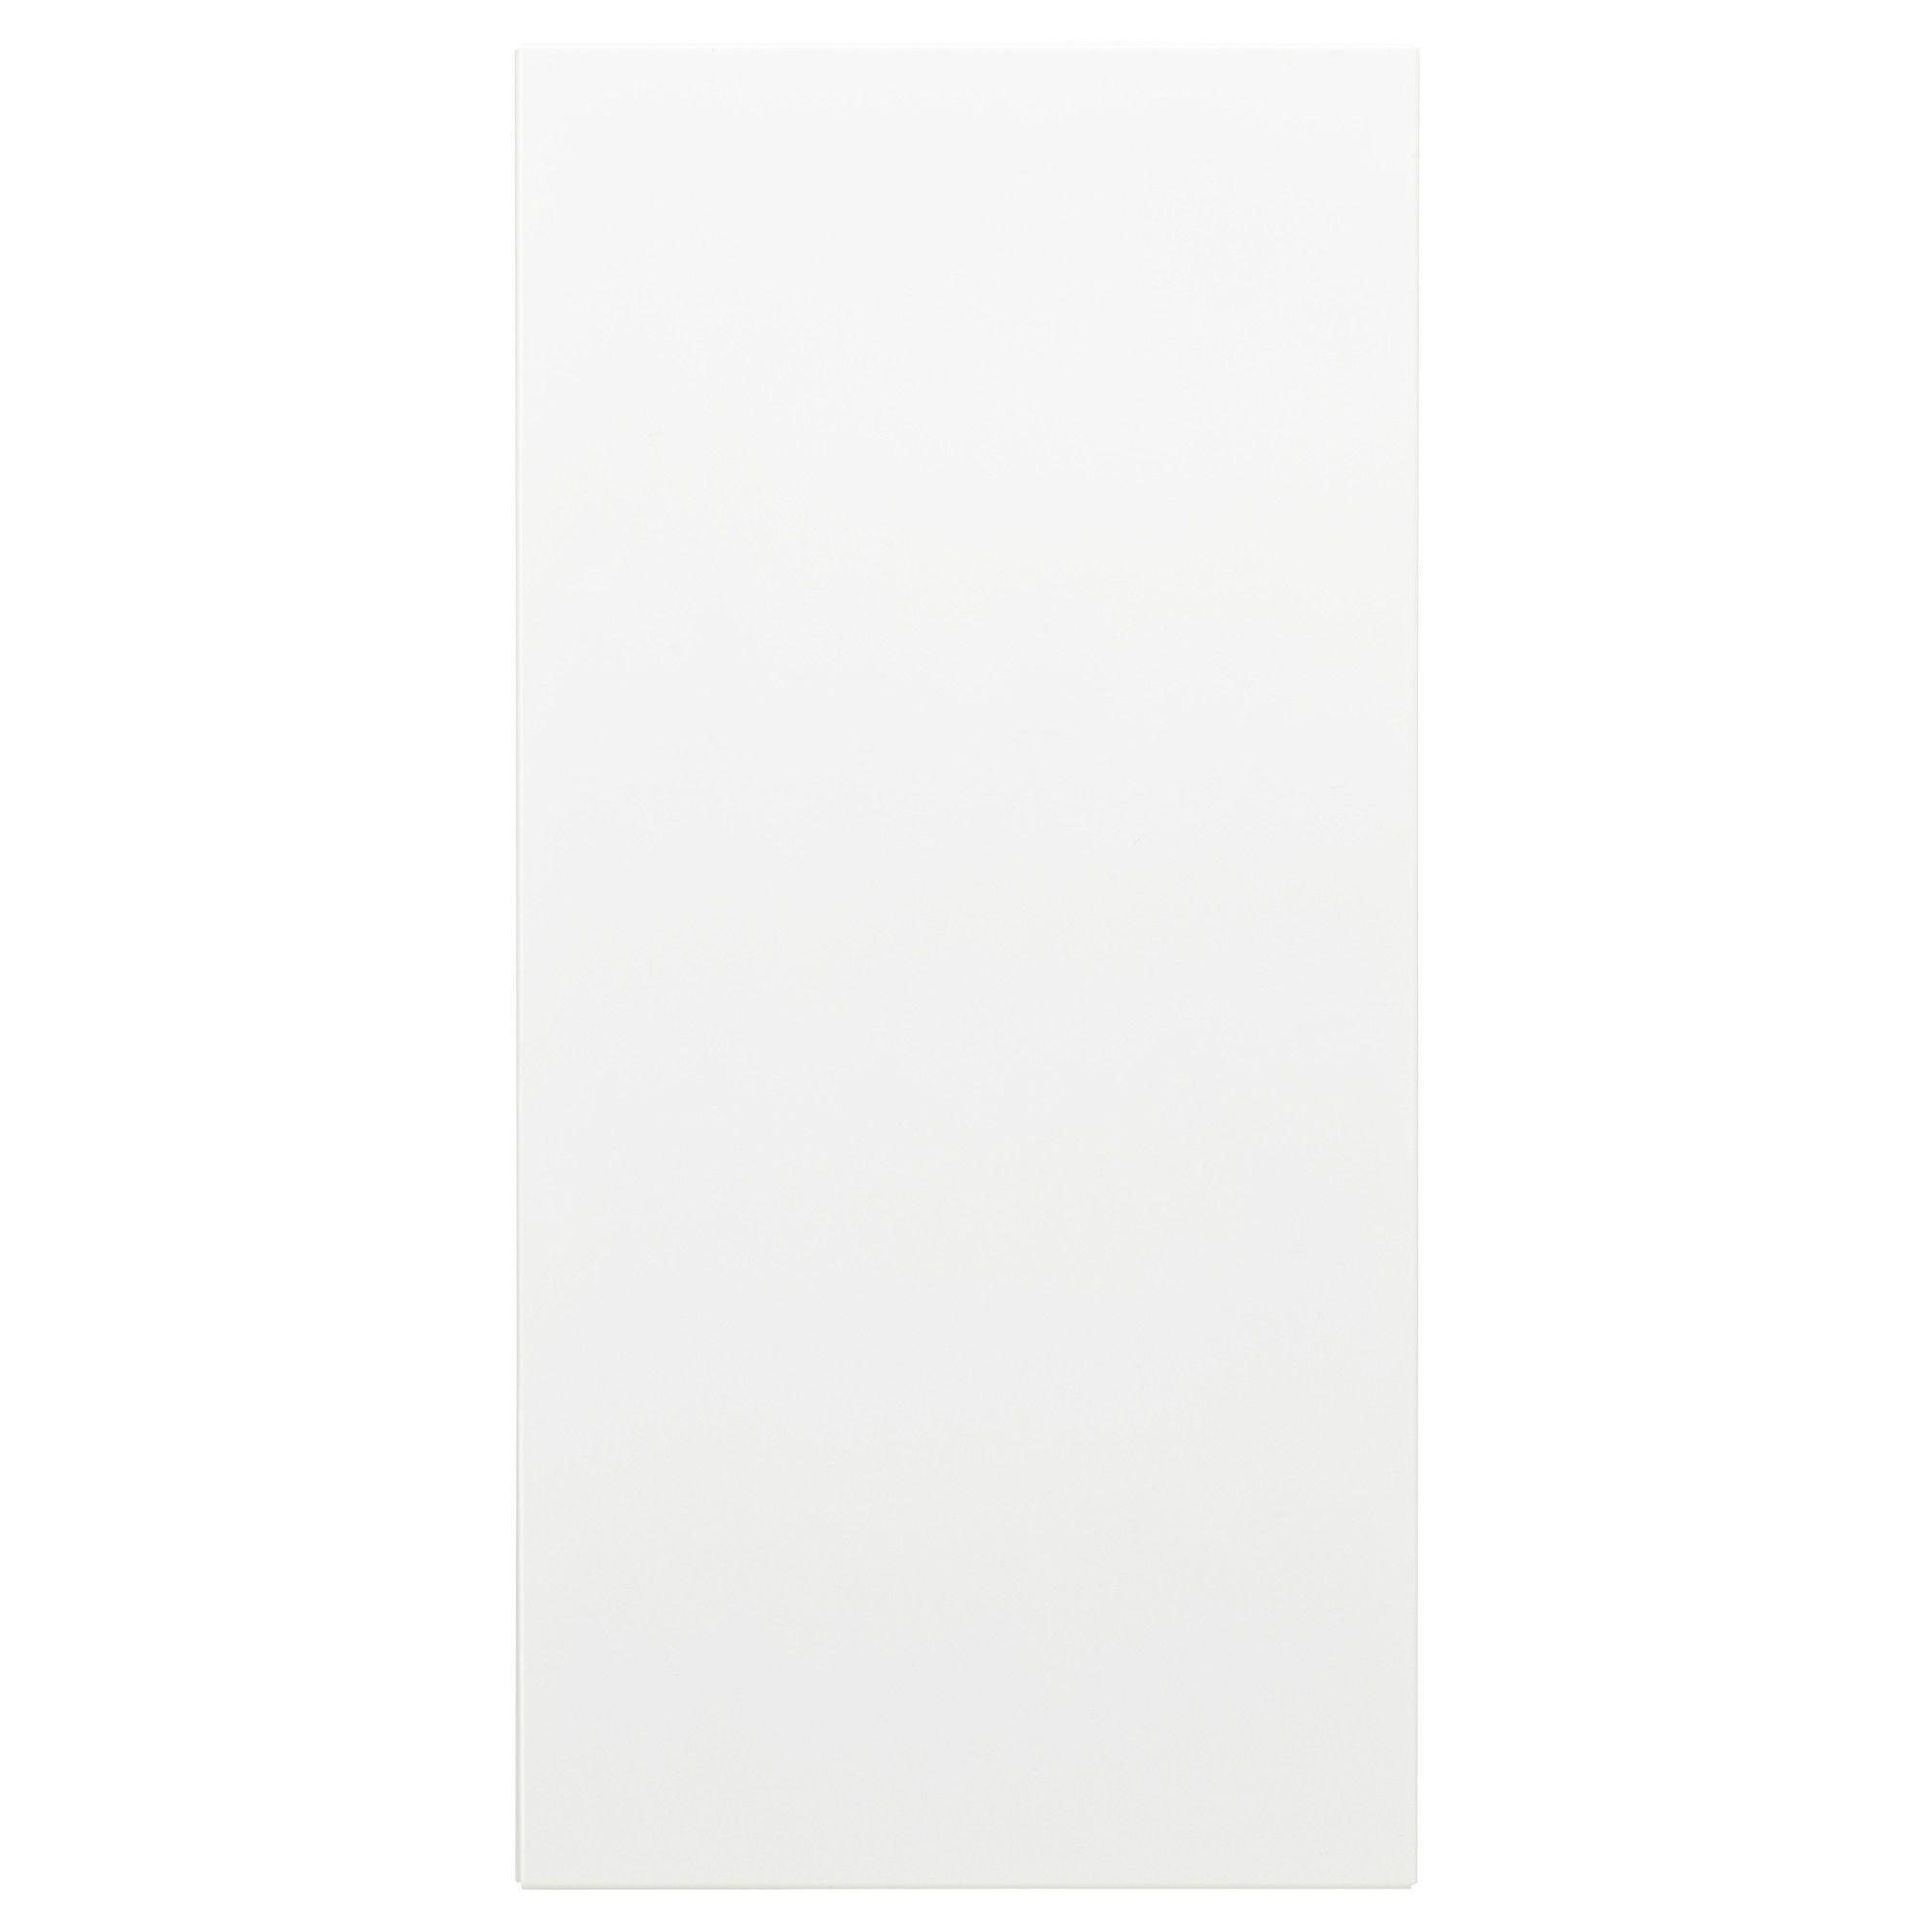 spontan tableau magn tique blanc ikea mettre au dessus de mon bureau et le d corer. Black Bedroom Furniture Sets. Home Design Ideas